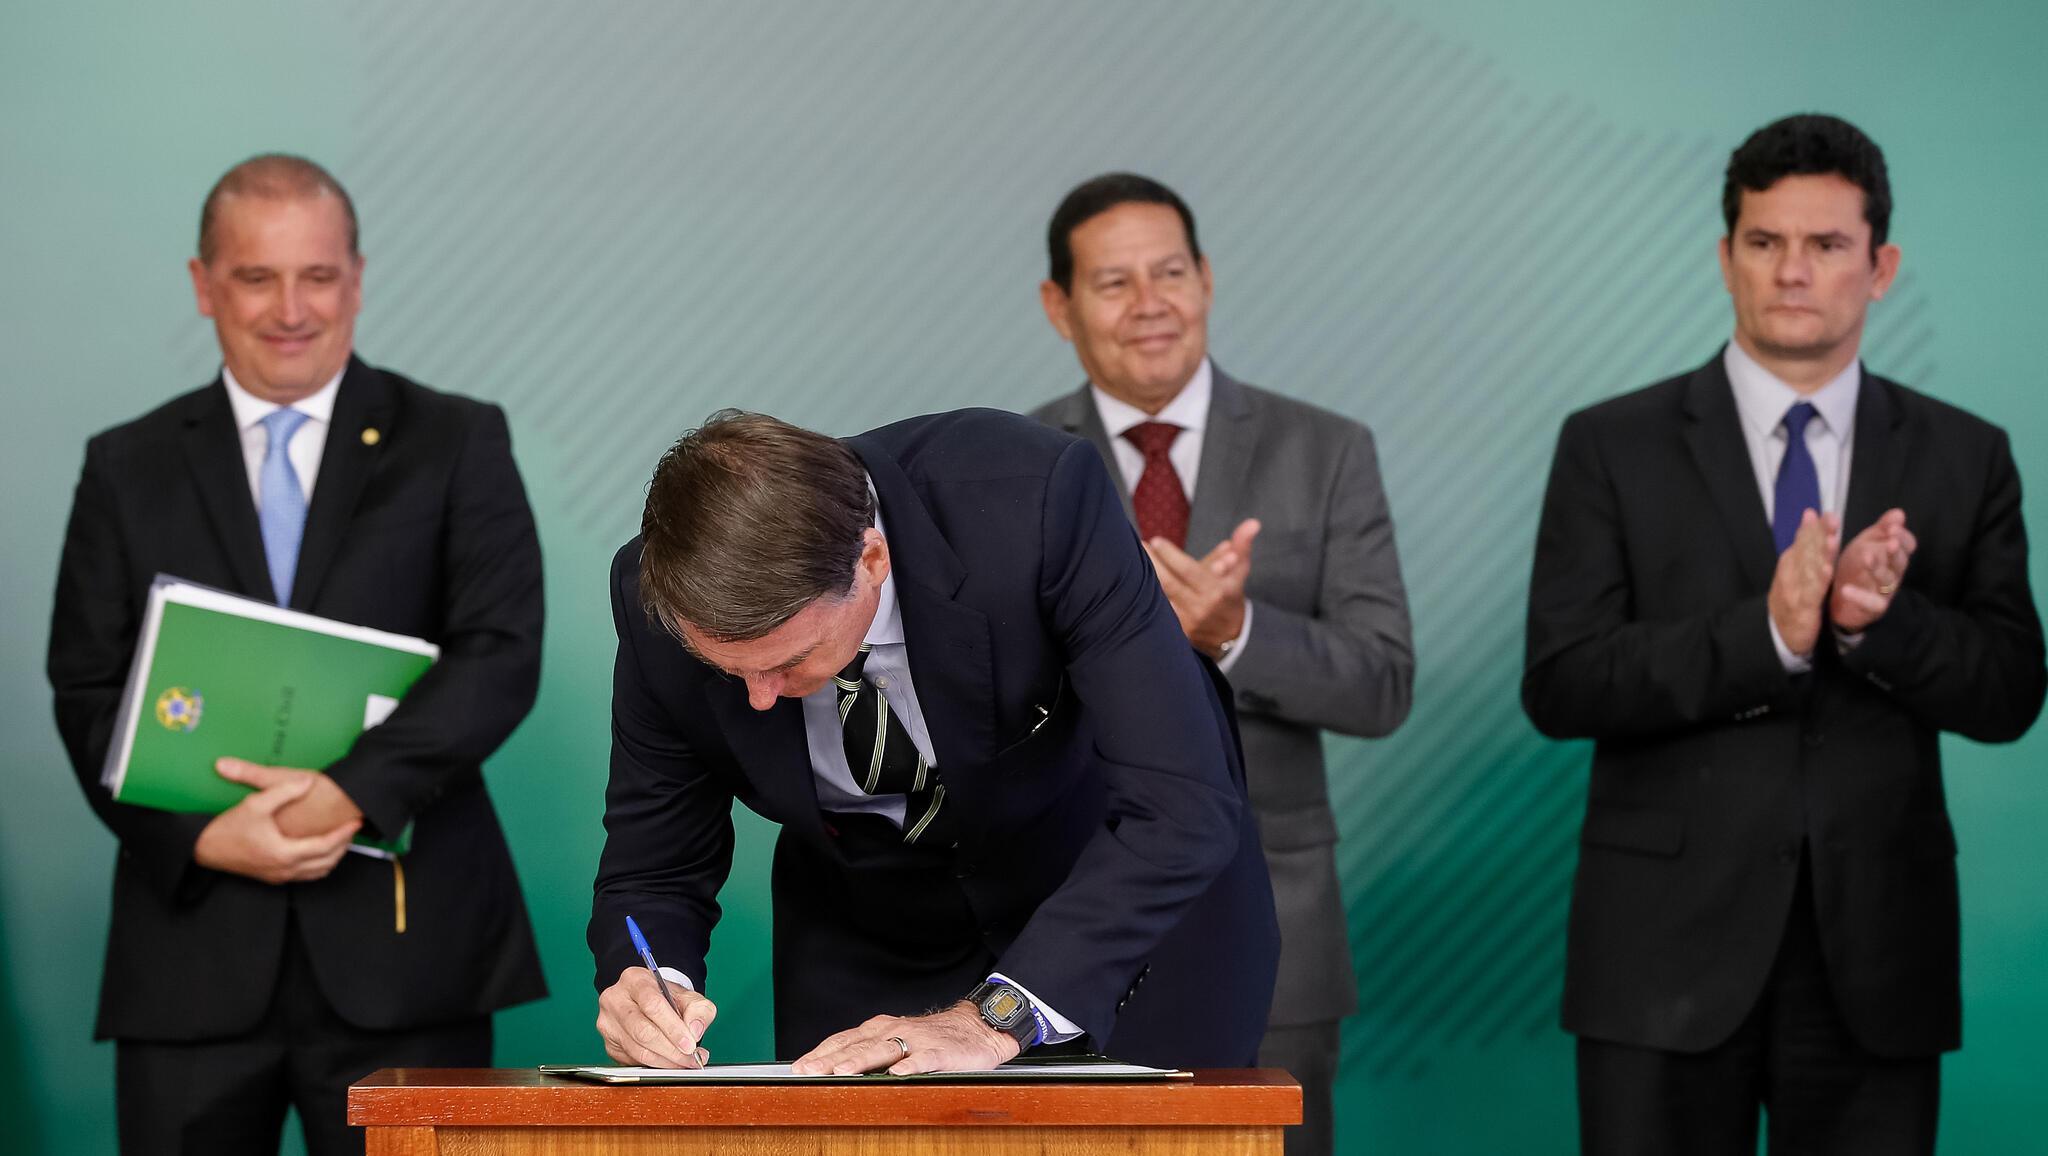 Assinatura solene de decreto sobre posse de armas (Brasília – DF, 15/01/2019) Presidente da República, Jair Bolsonaro assina decreto.